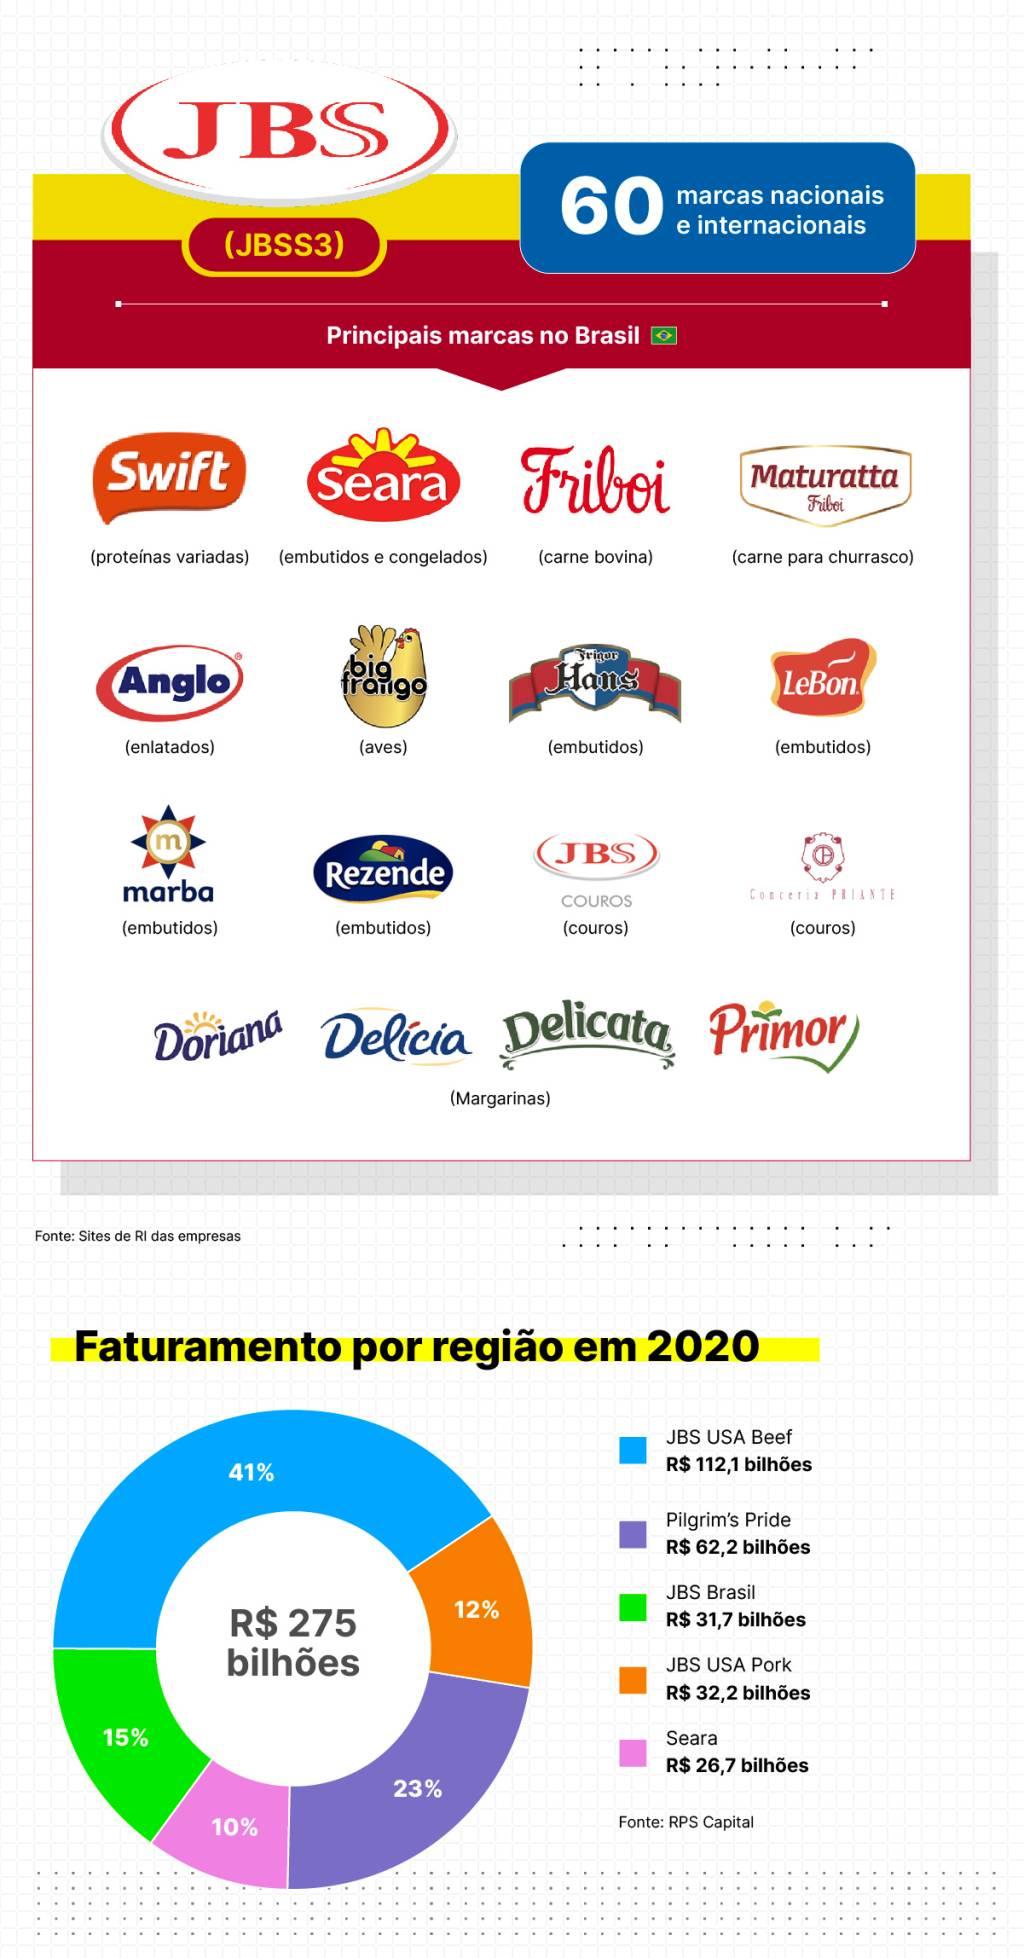 Marcas que pertencem à JBS e quanto representa cada país no faturamento da empresa